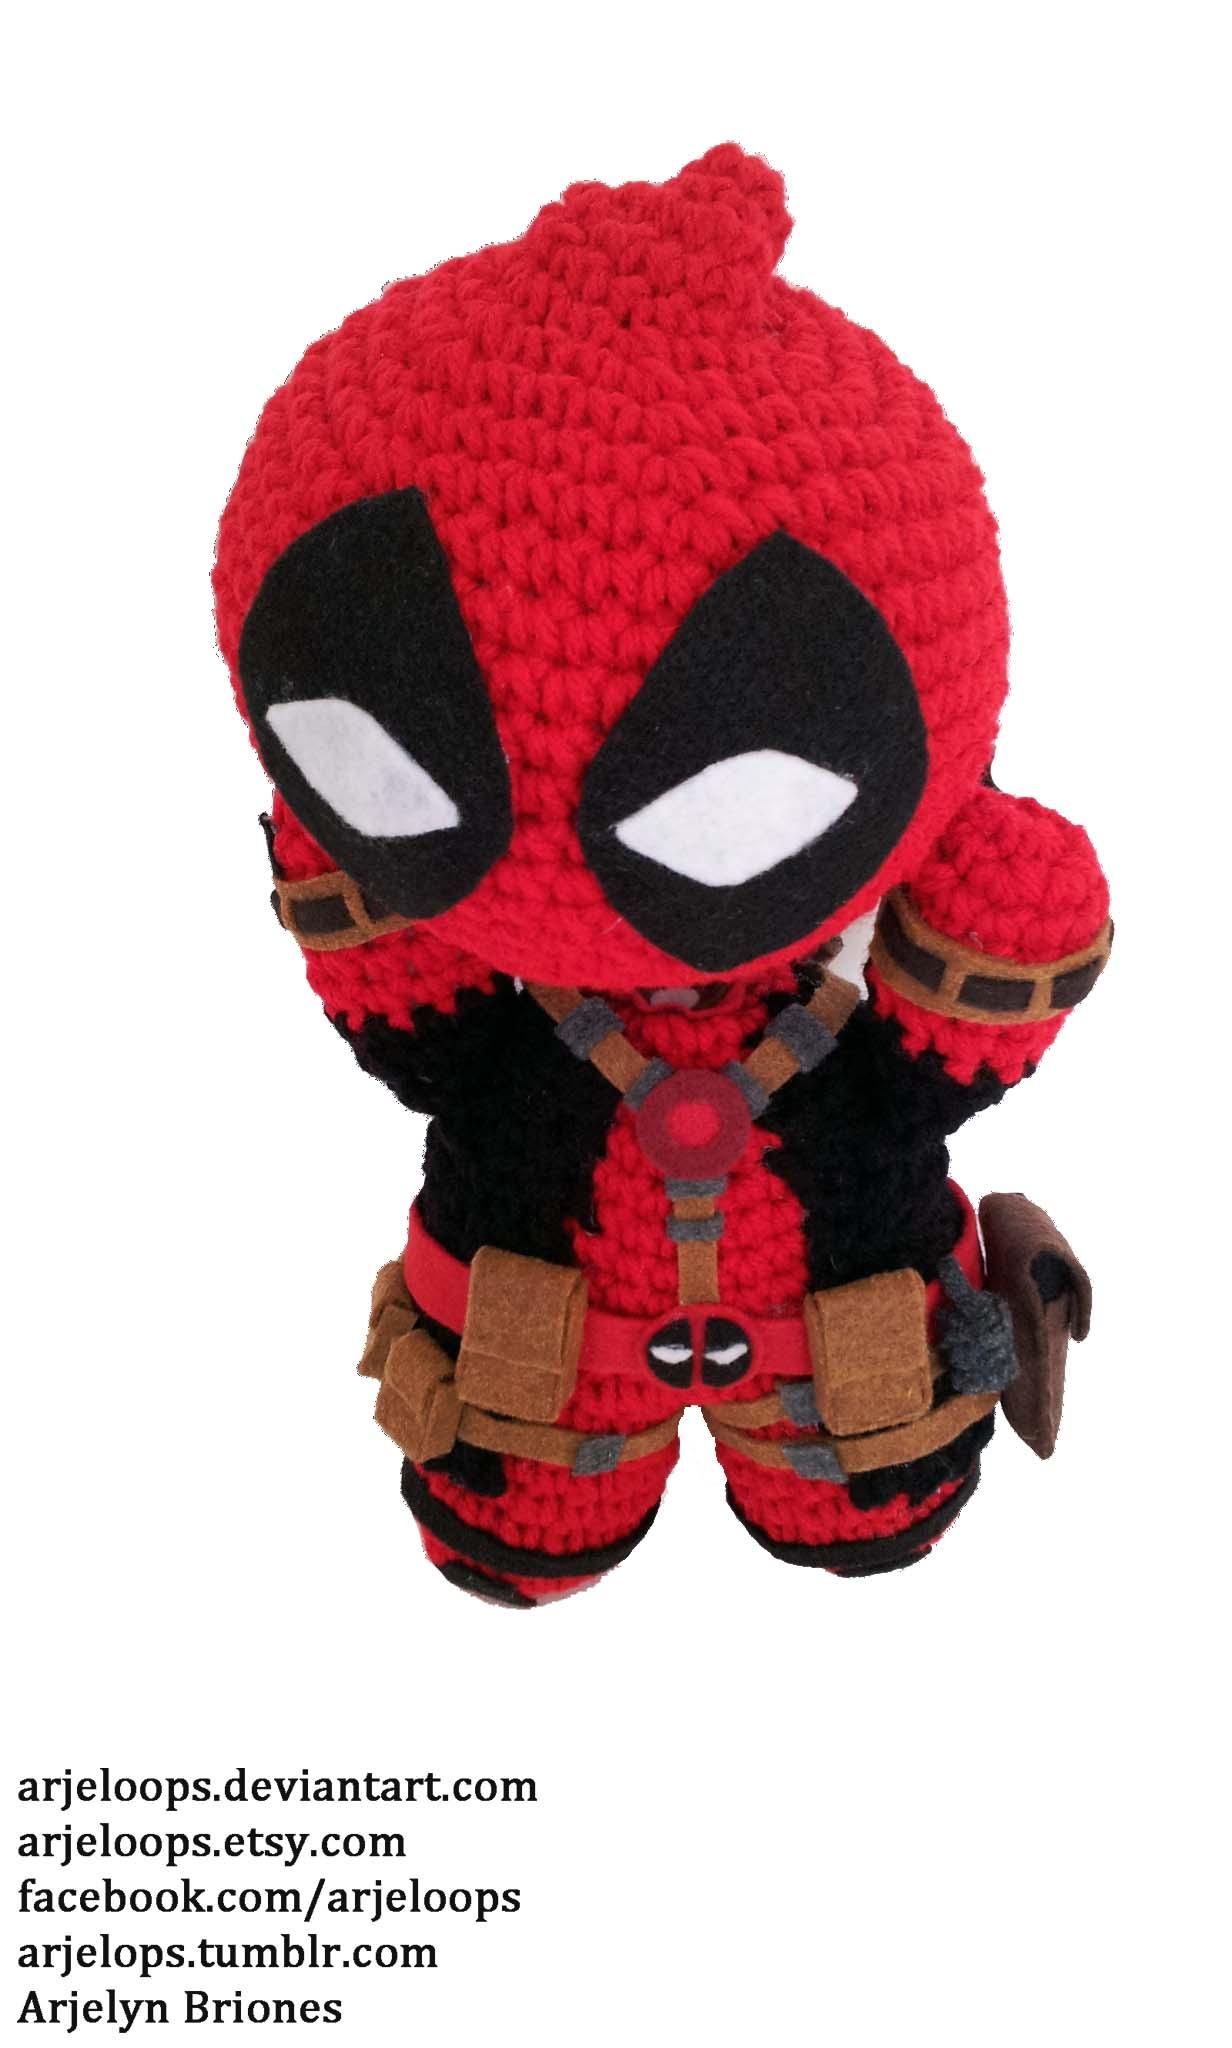 Amigurumi Crochet Dress Pattern : Arjeloops Deadpool Crochet Doll by Arjeloops on DeviantArt